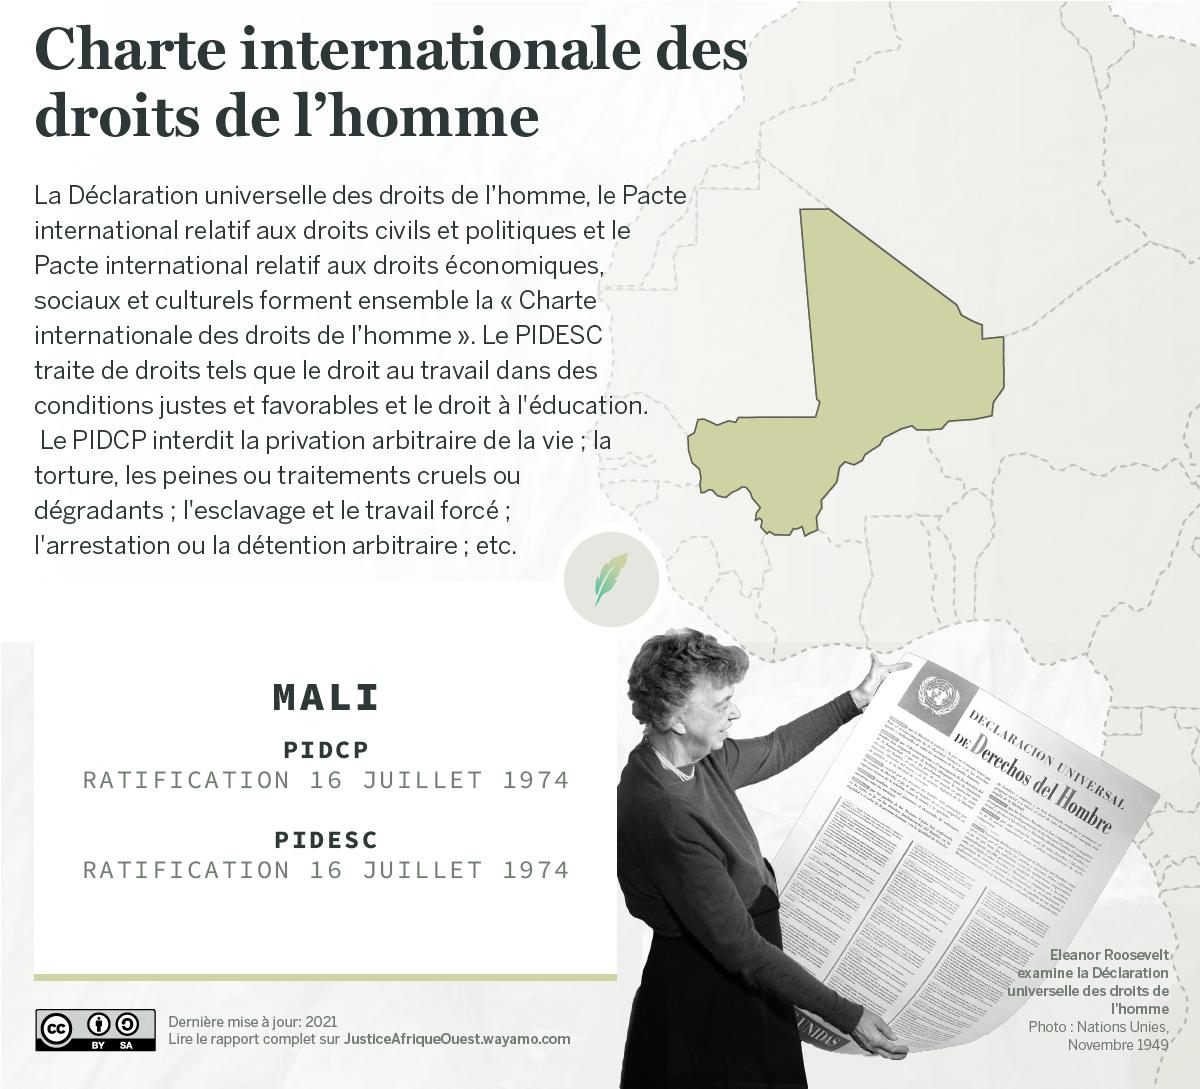 MALI_Charte internationale des droits de l'homme - Wayamo Foundation (CC BY-SA 4.0)